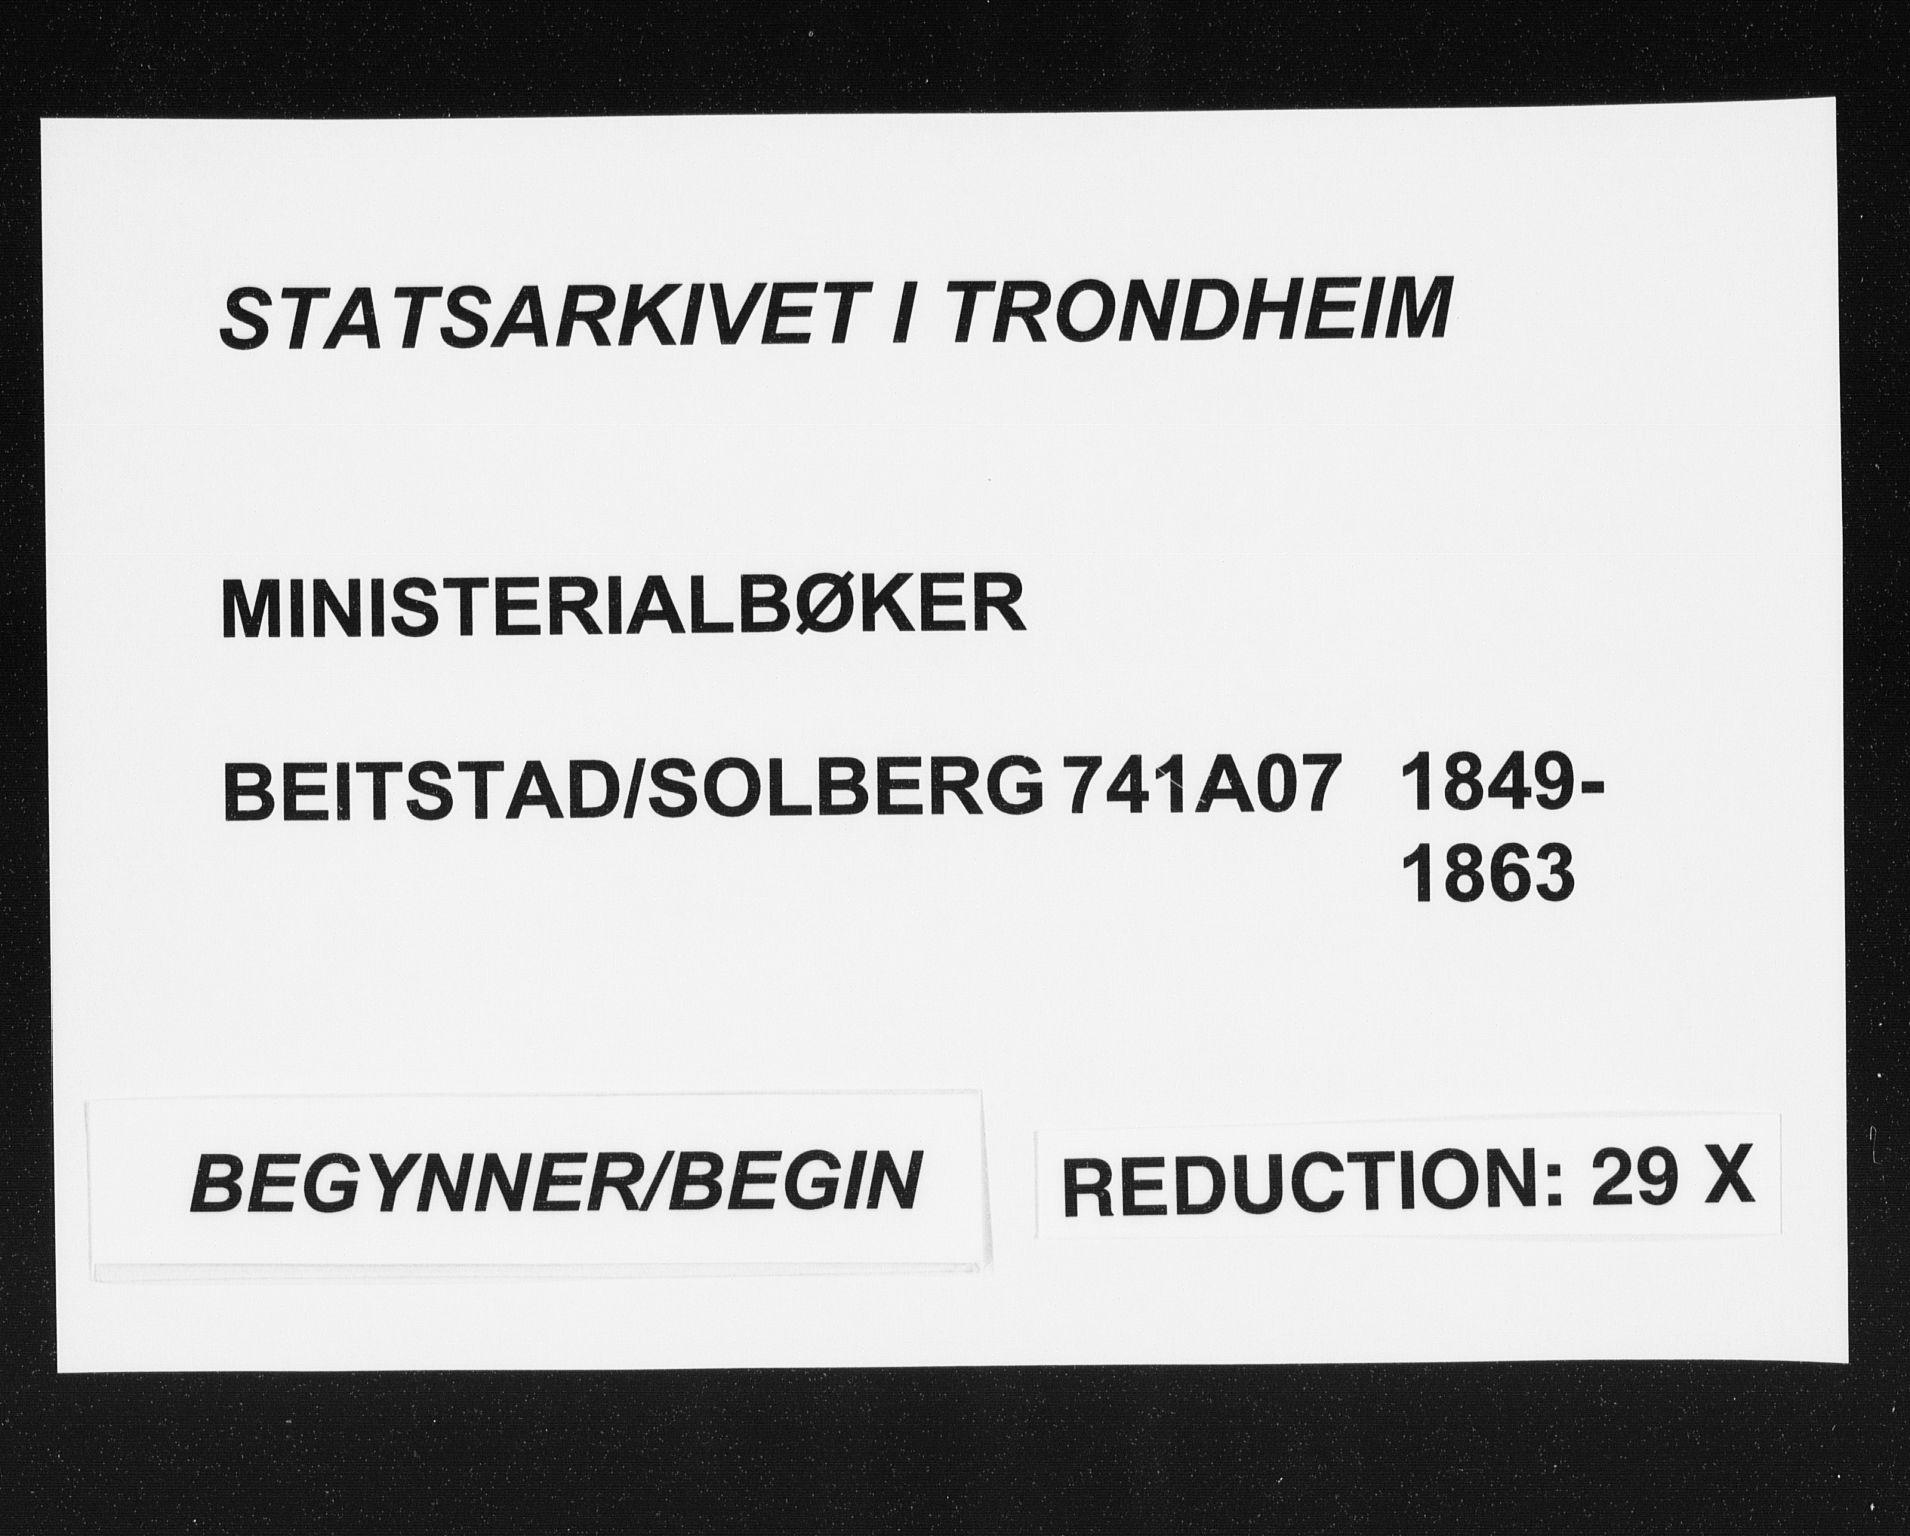 SAT, Ministerialprotokoller, klokkerbøker og fødselsregistre - Nord-Trøndelag, 741/L0393: Ministerialbok nr. 741A07, 1849-1863